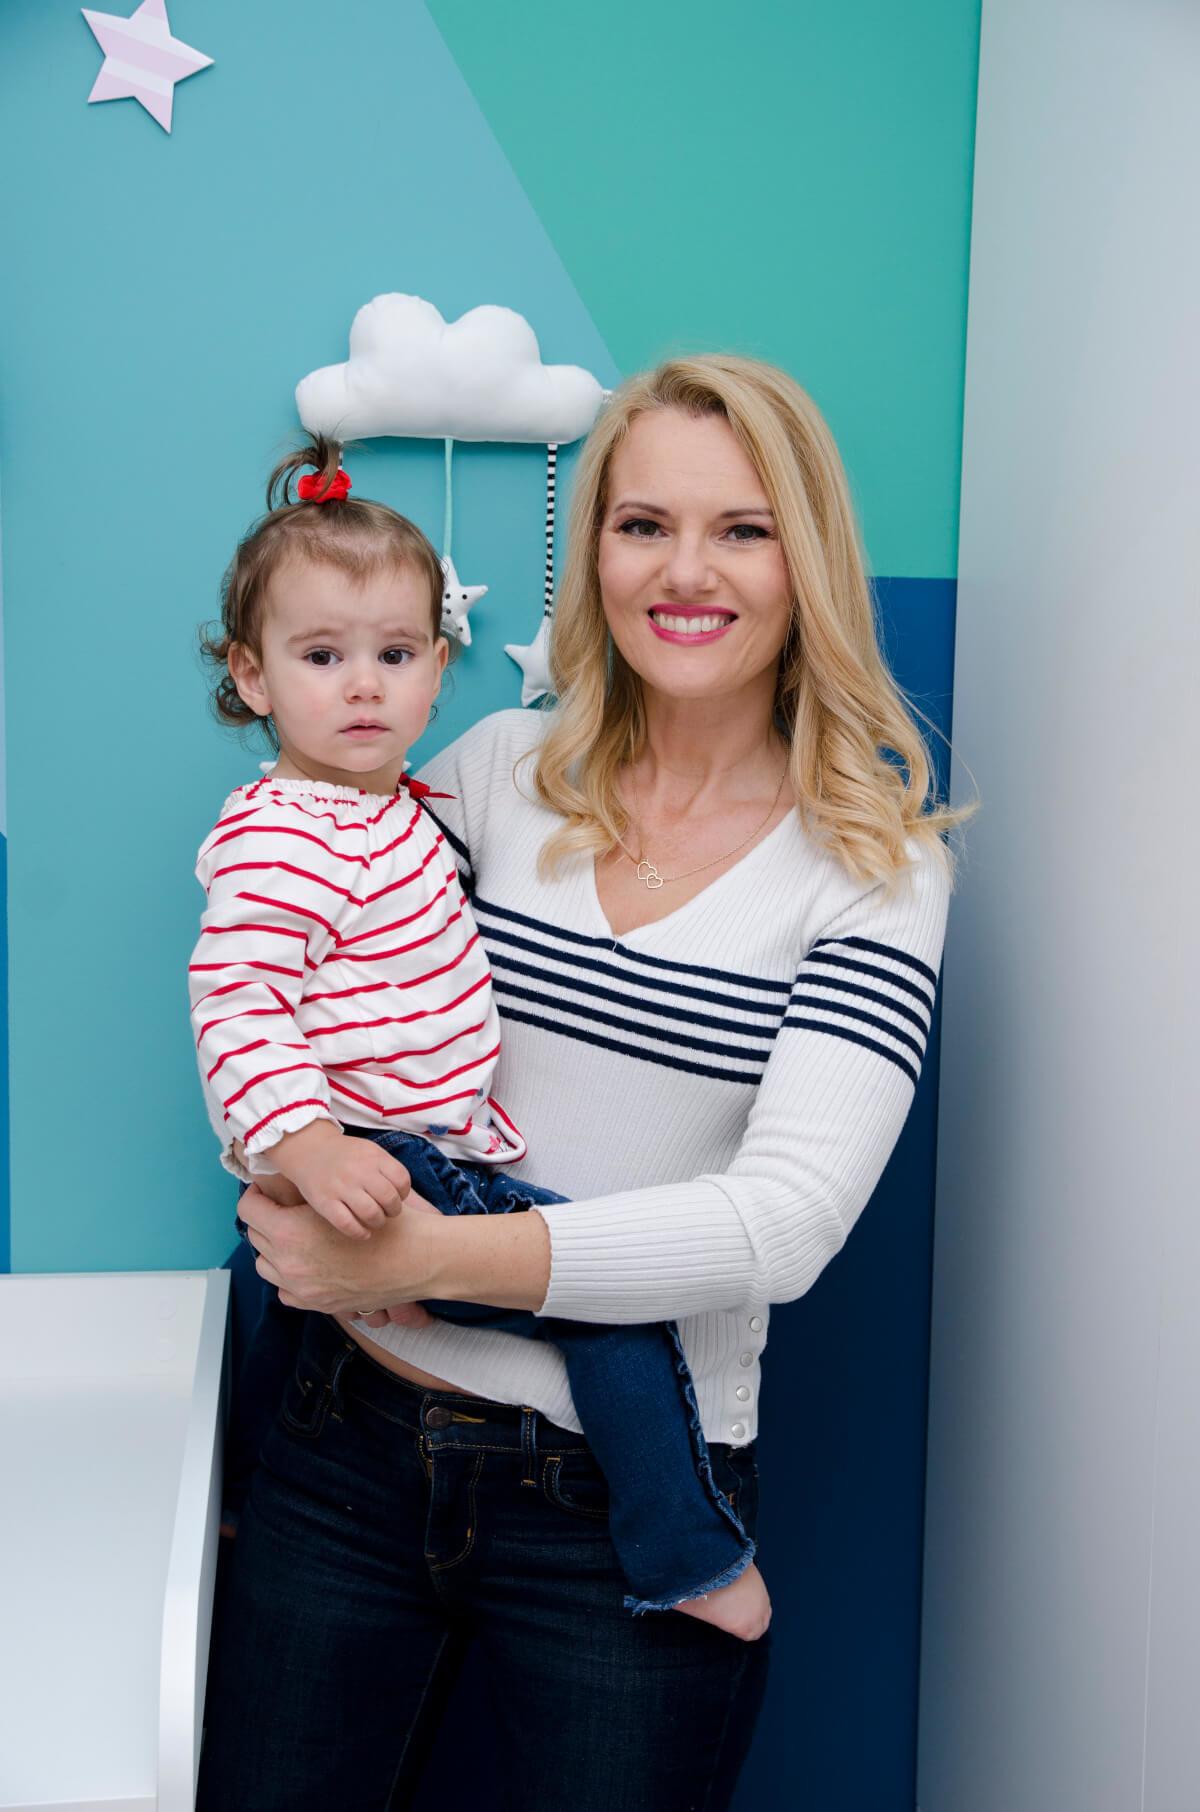 Danijela Pintarić, mama i beba